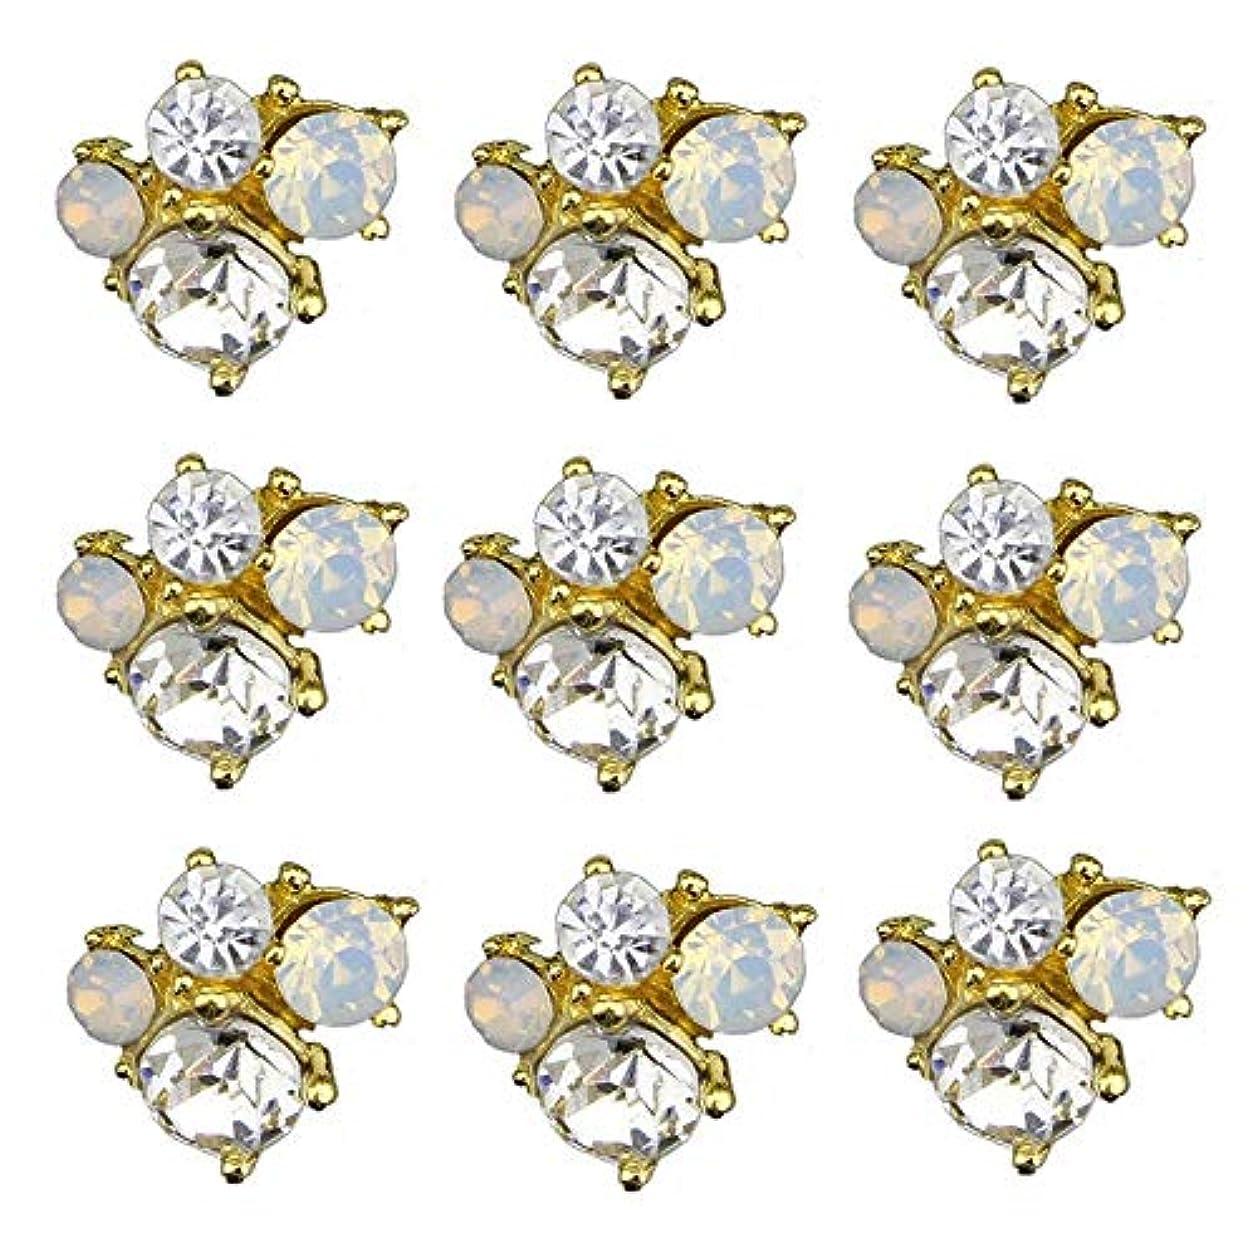 減らす分析的名目上のネイルズデザインのための10pcsの3Dネイルアーツグリッターラインストーンの装飾チャームクリスタル飾るスタッドアクセサリー